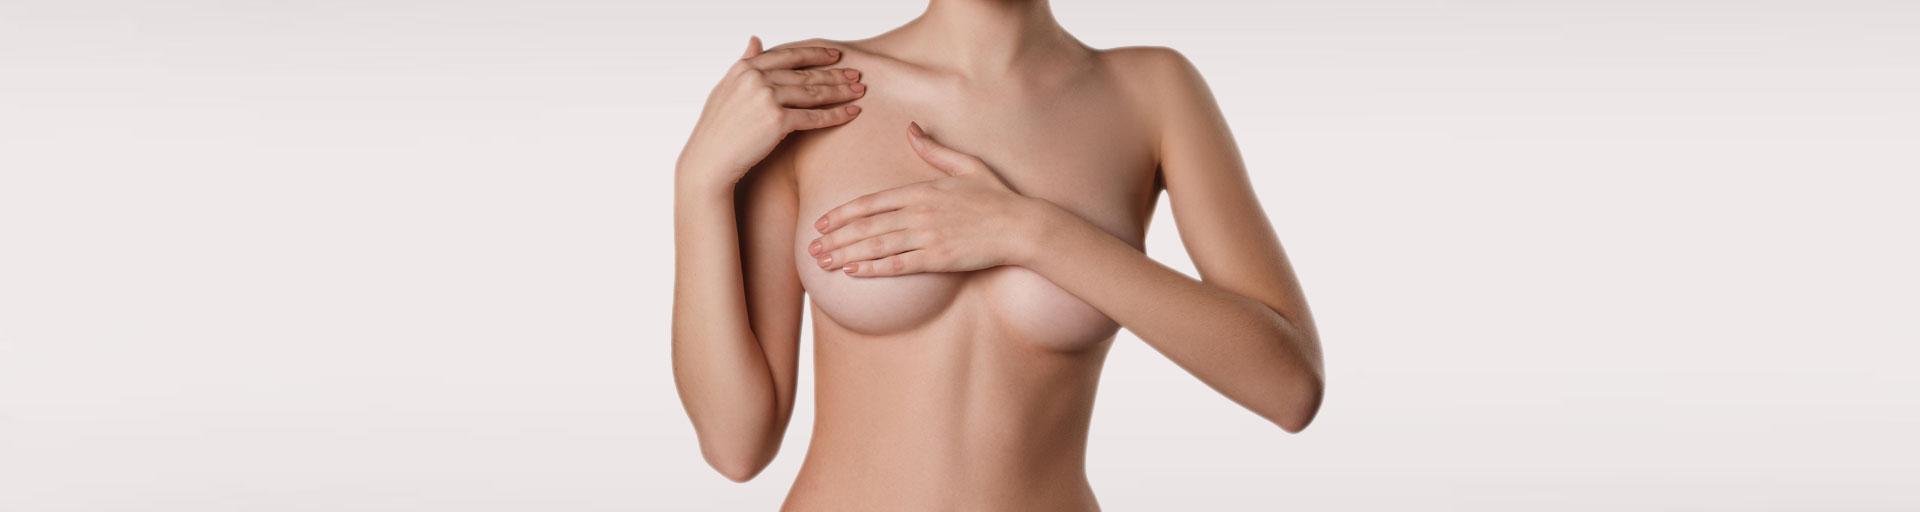 brustkrebs-plastische-chirurgie-b